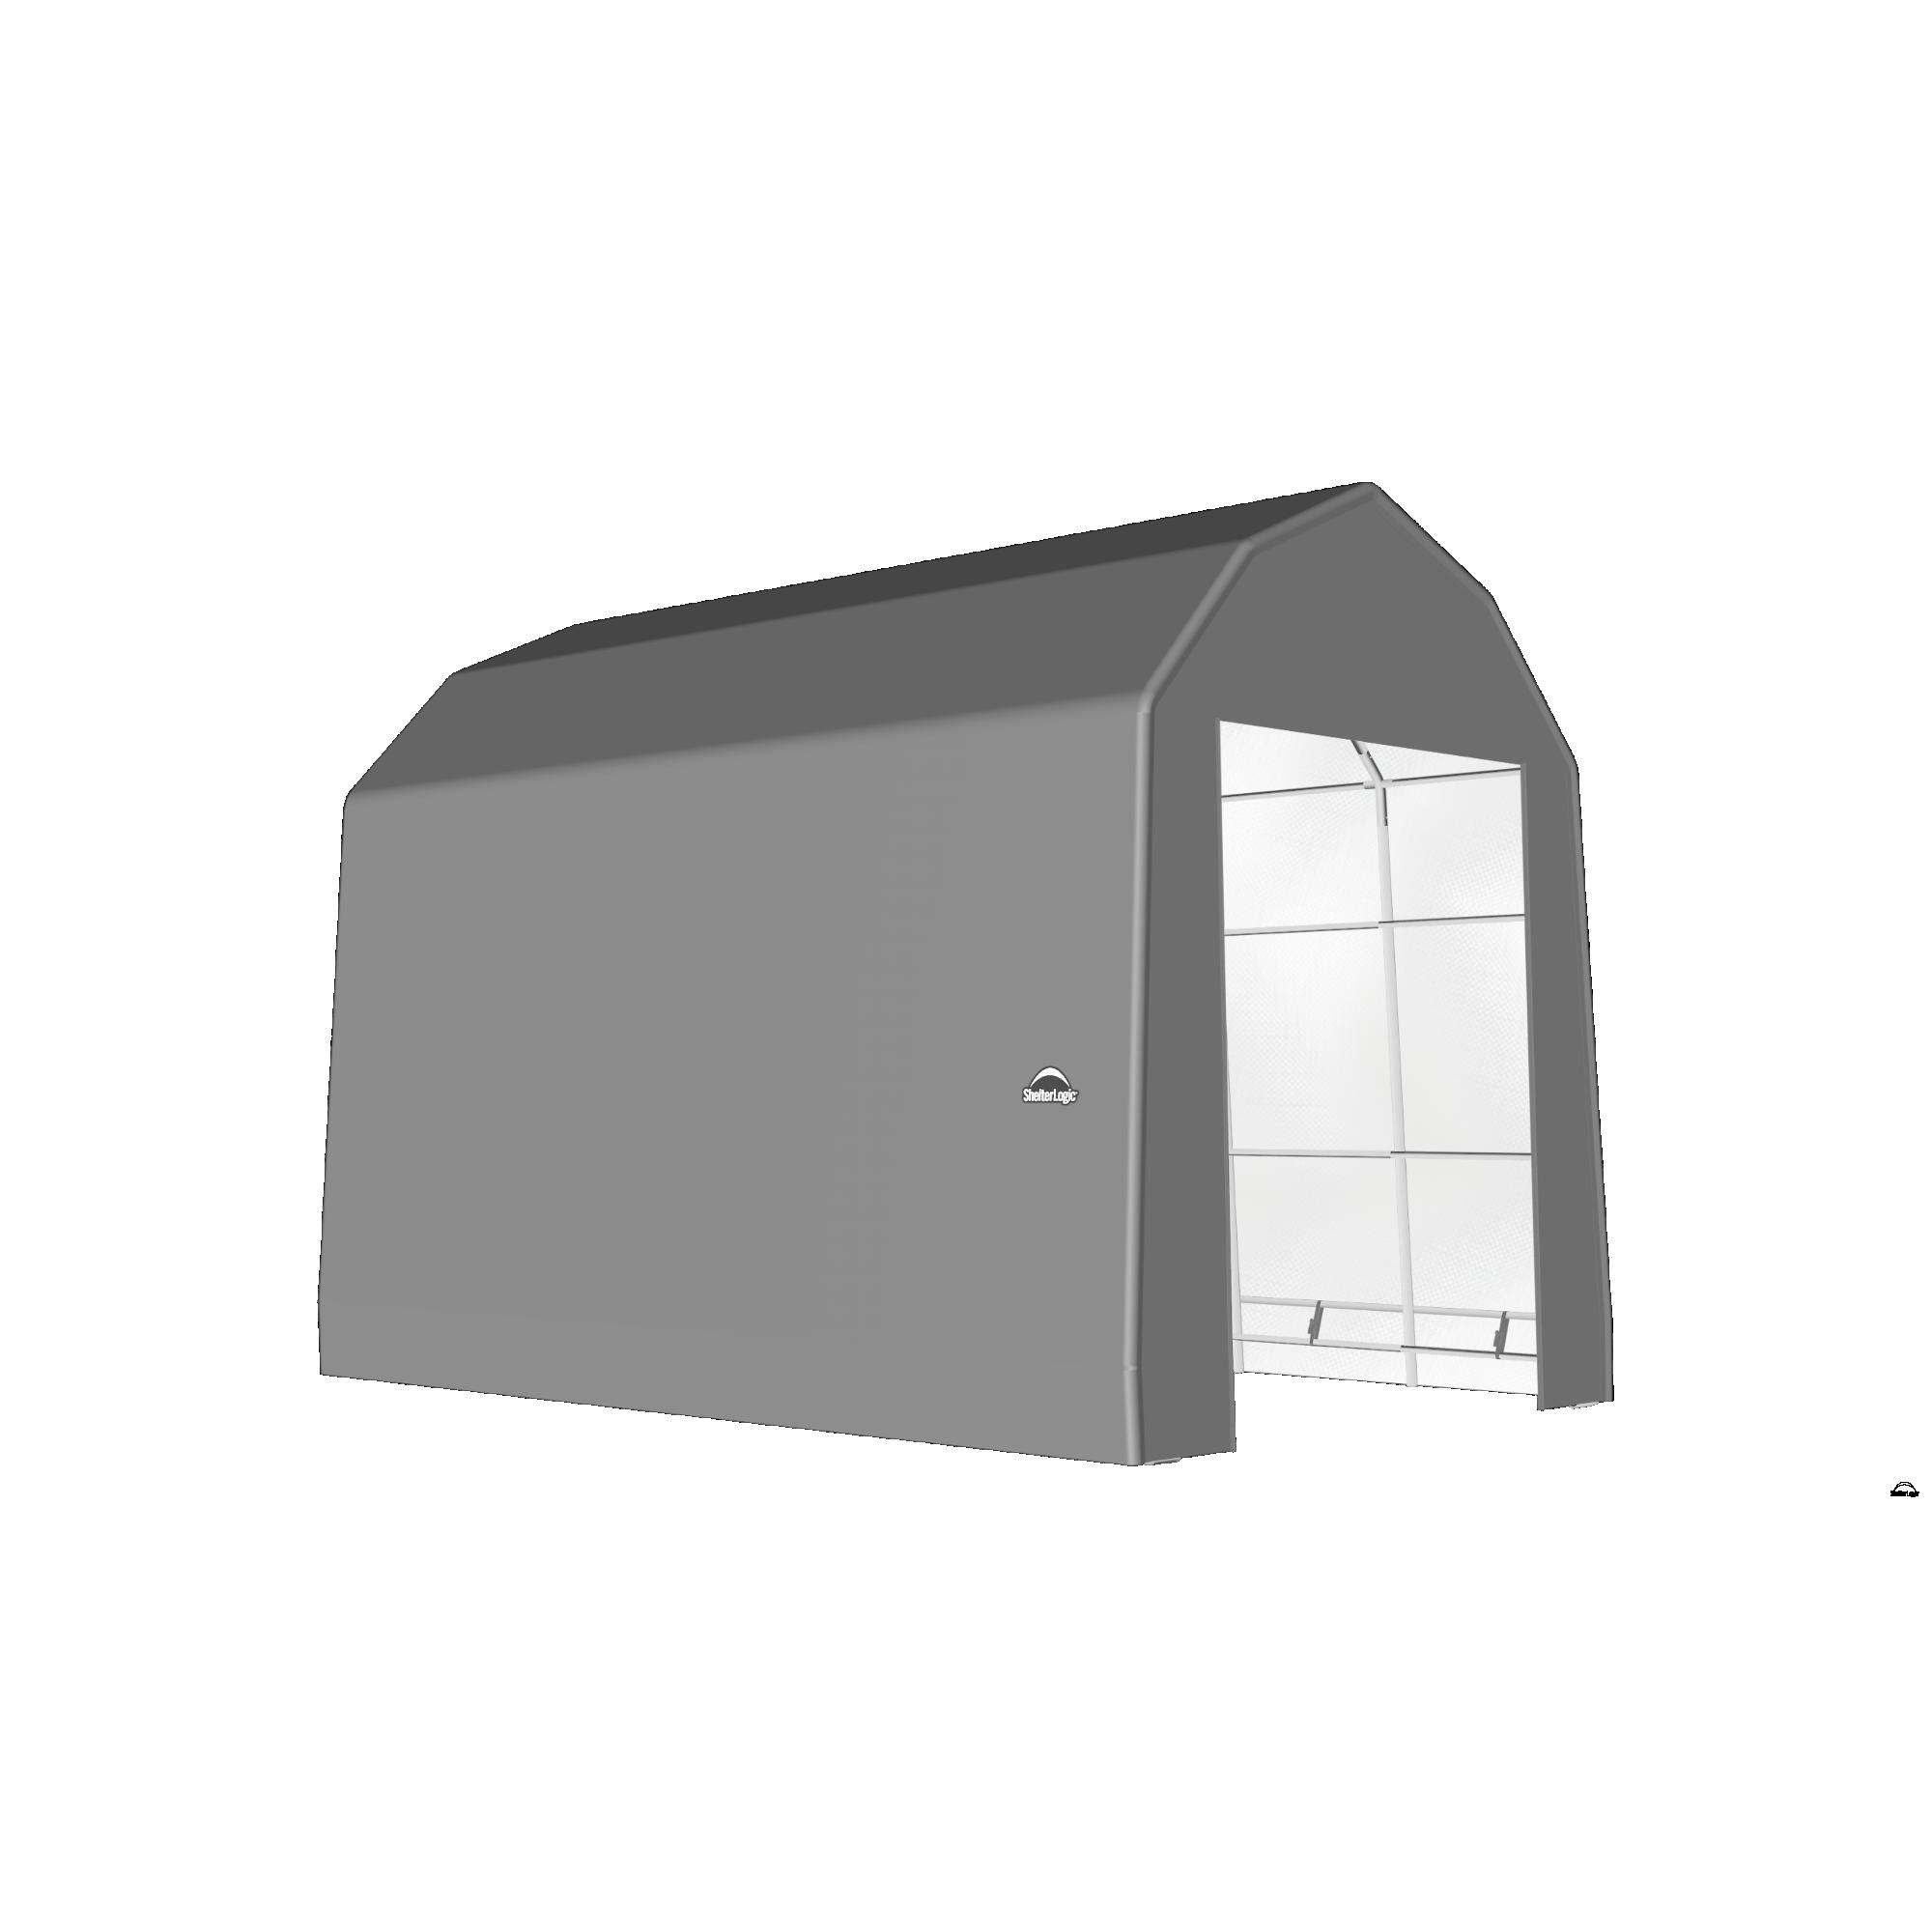 SP Barn 15X28X17 Gray 14 oz PE Shelter